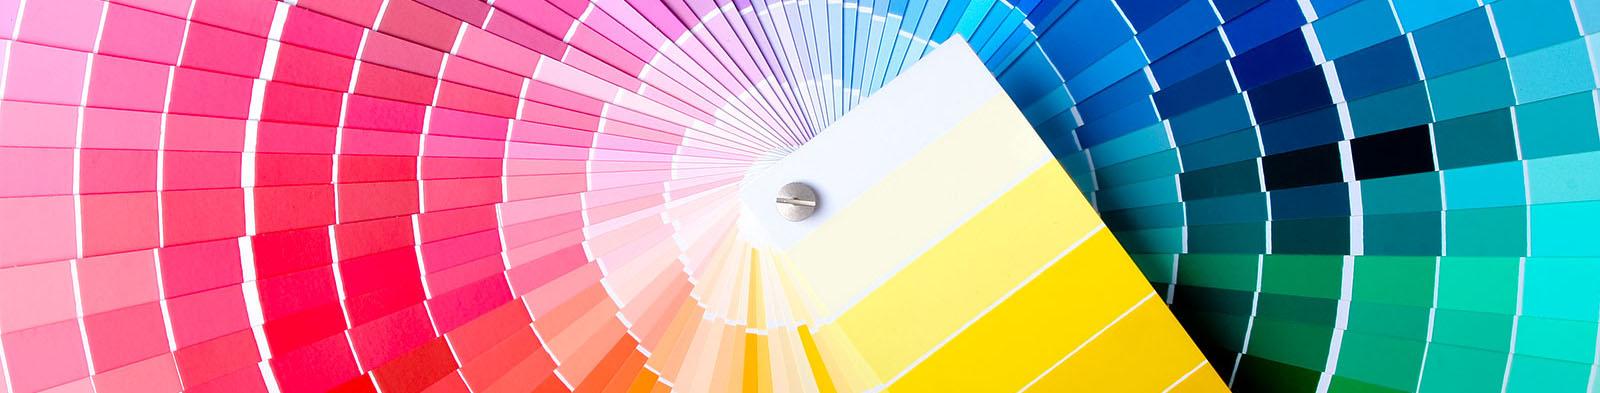 Dimagrire con l'abbigliamento: colori